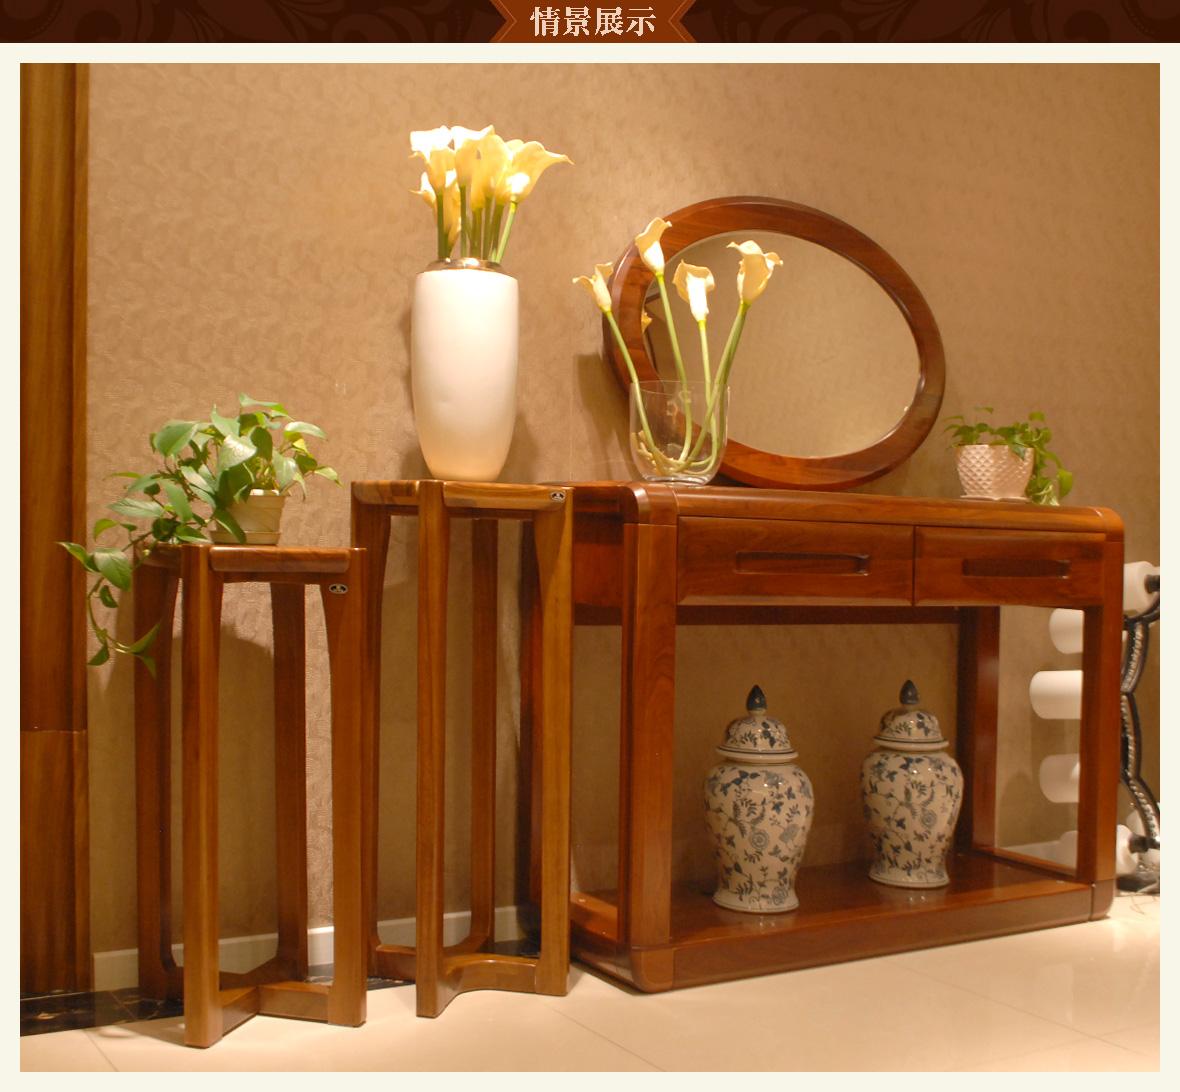 赖氏乌金家具木高型号WJW0101A家具v乌金实木曼谷花架人華二手图片